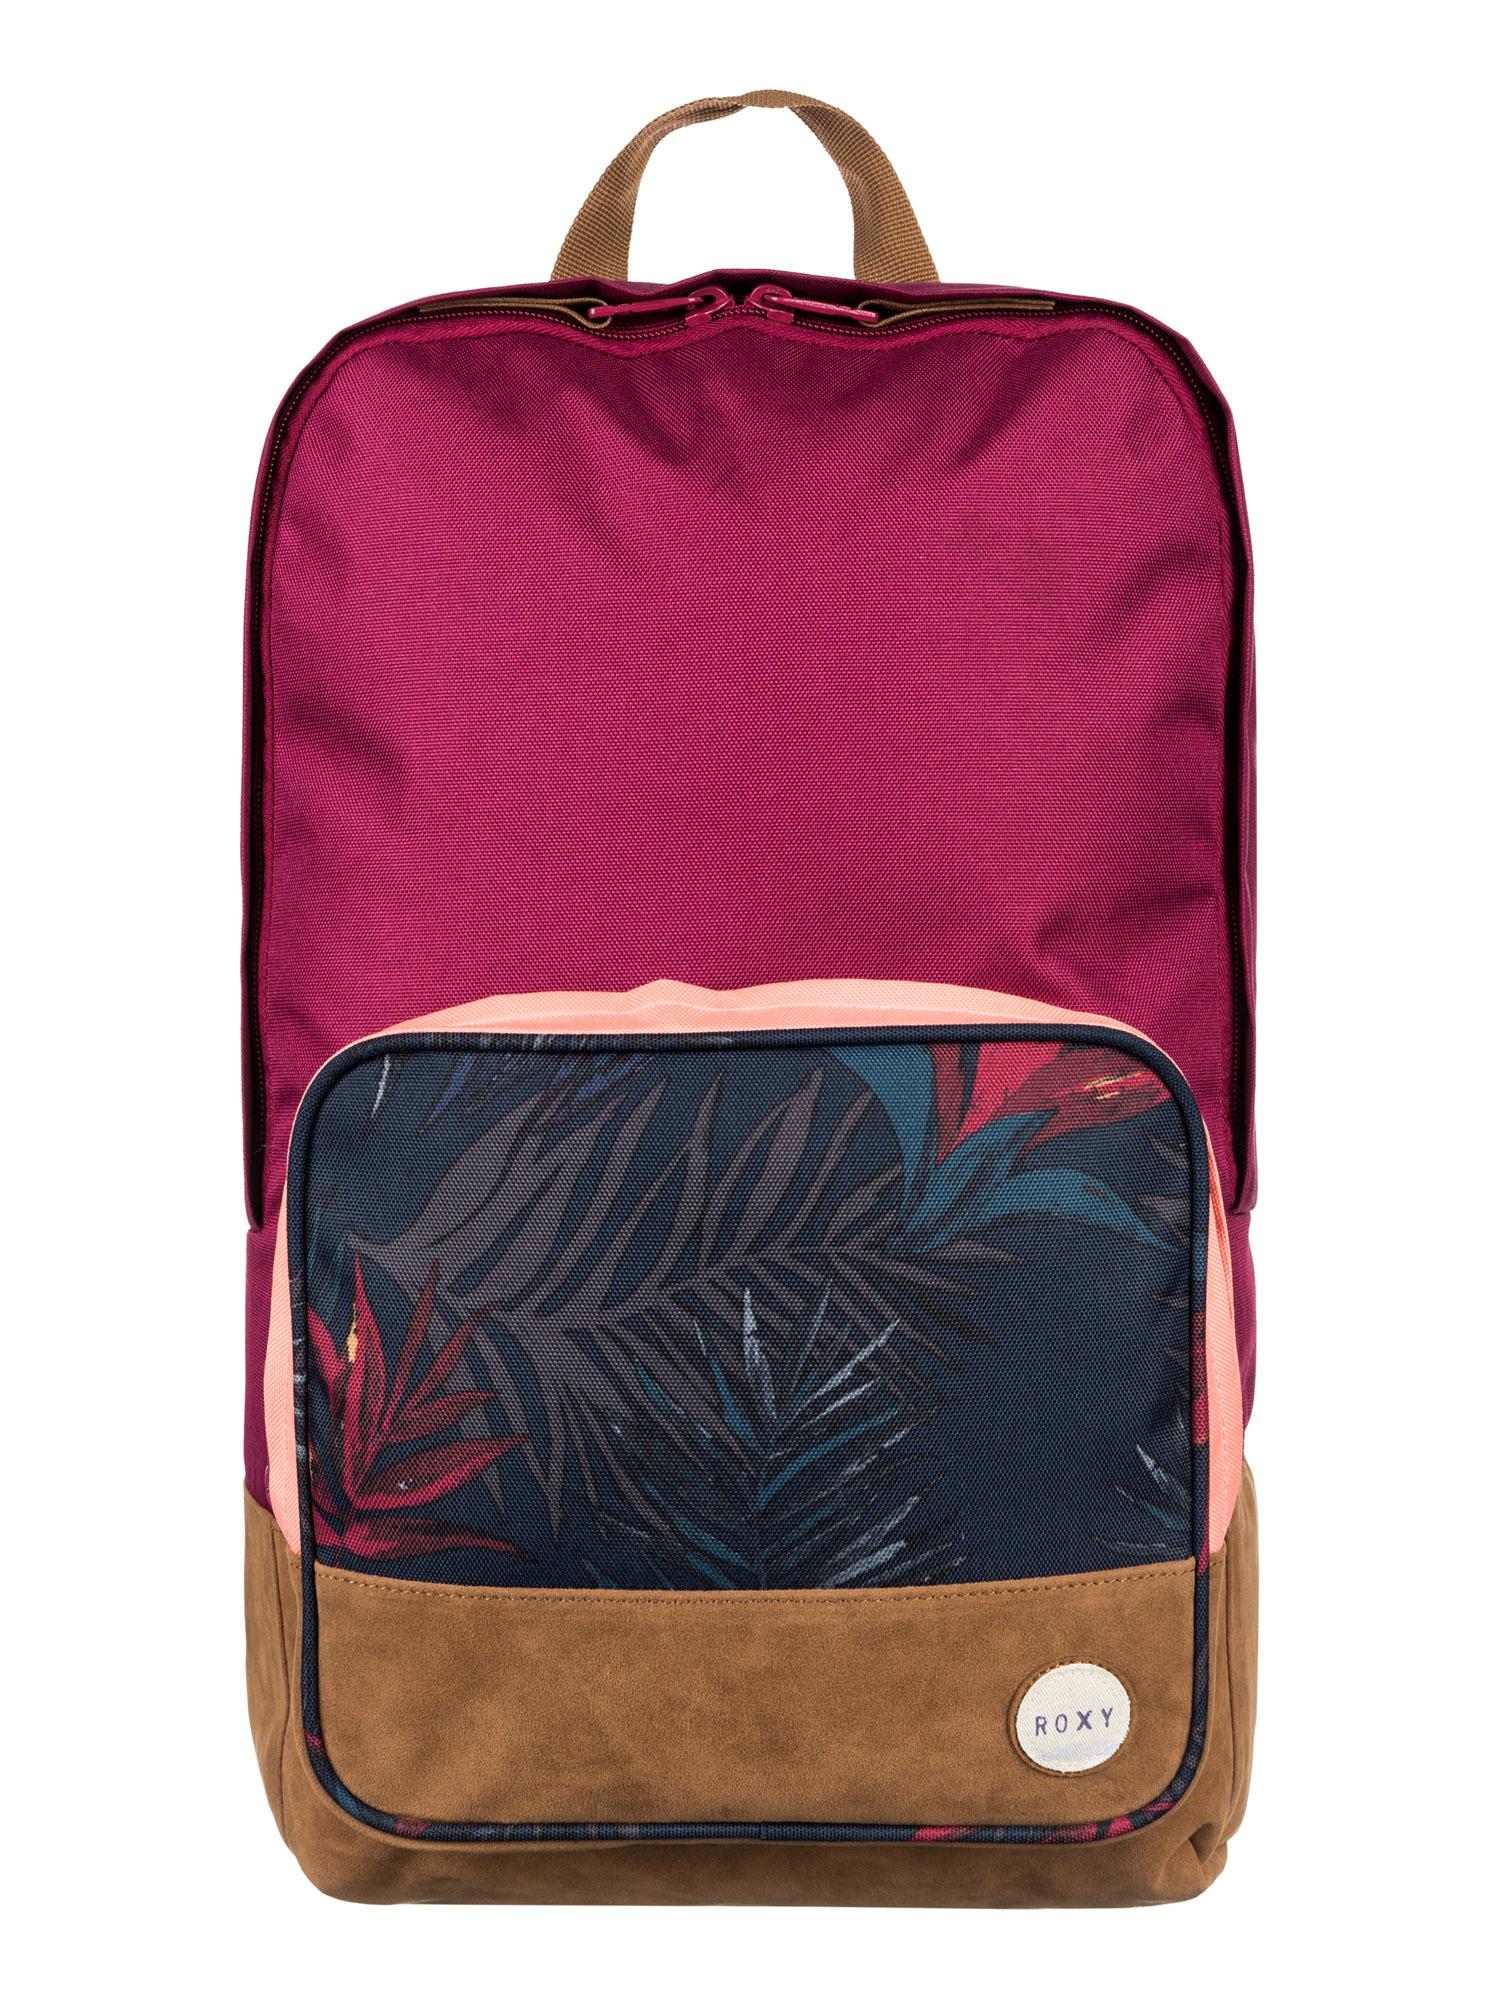 Roxy Women's Rucksacks   Backpacks   ZALANDO UK